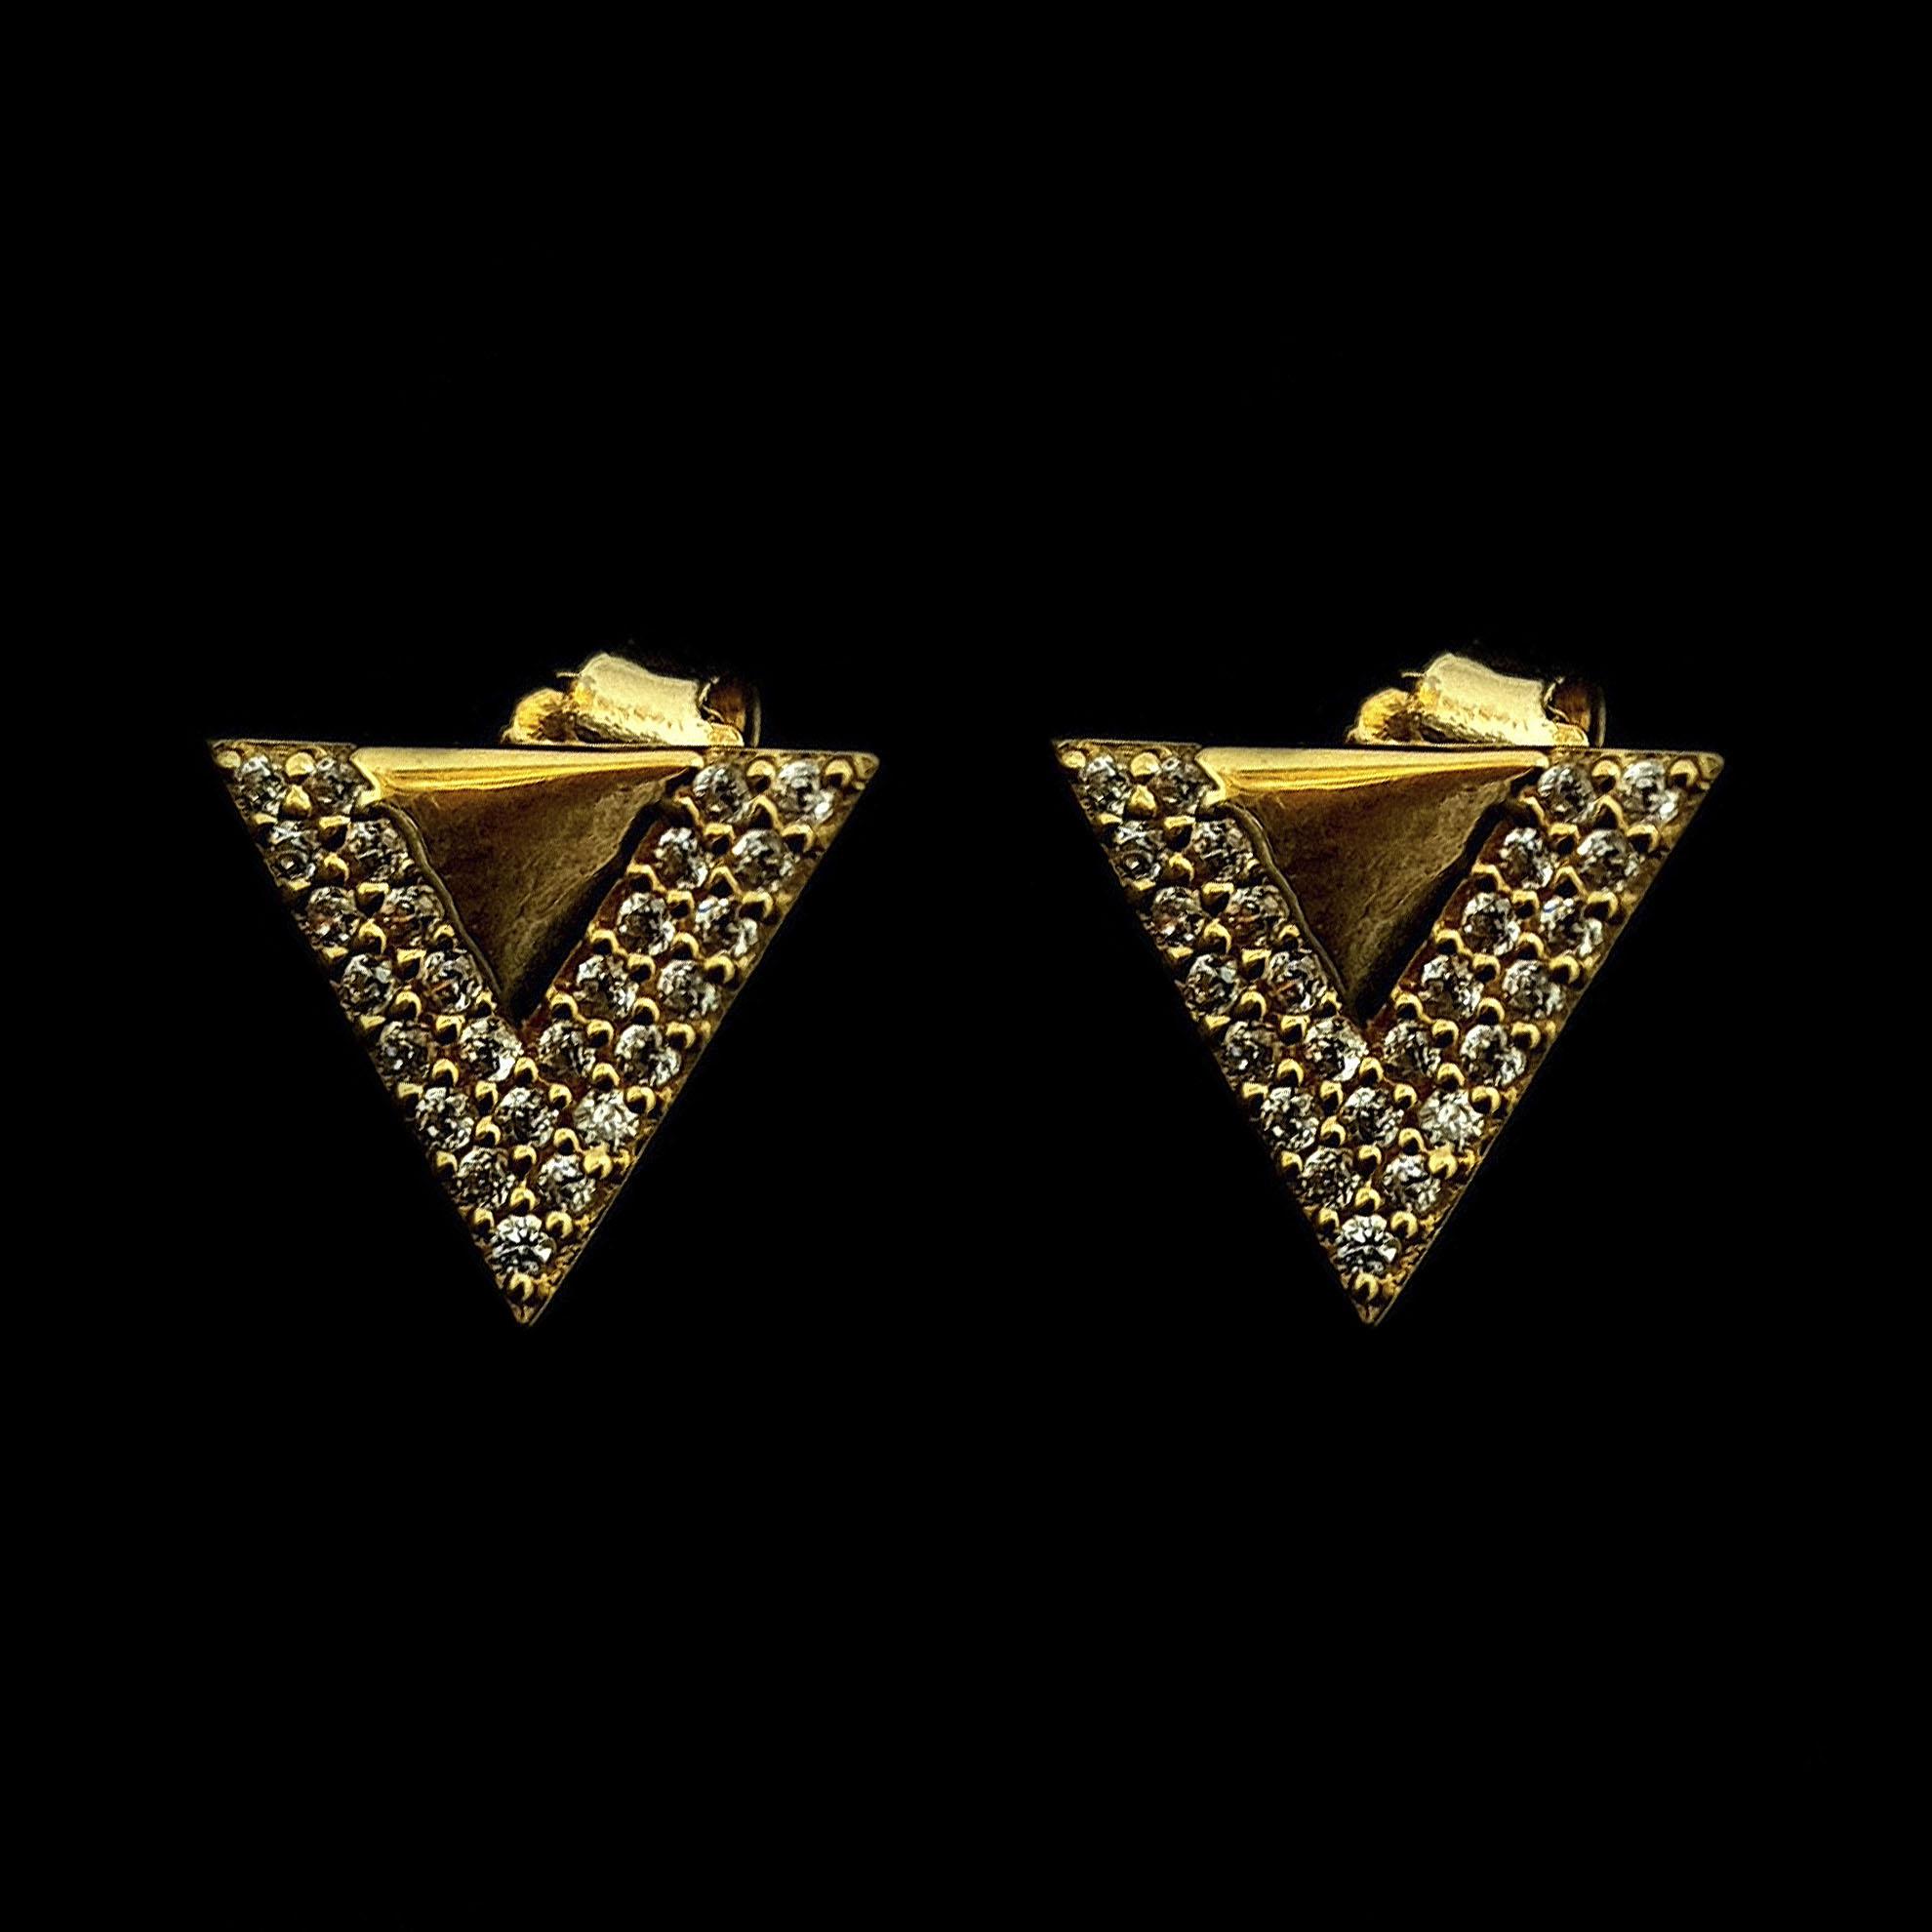 Brinco Triângulo c/ Zircônias Brancas em Ouro 18 Kilates